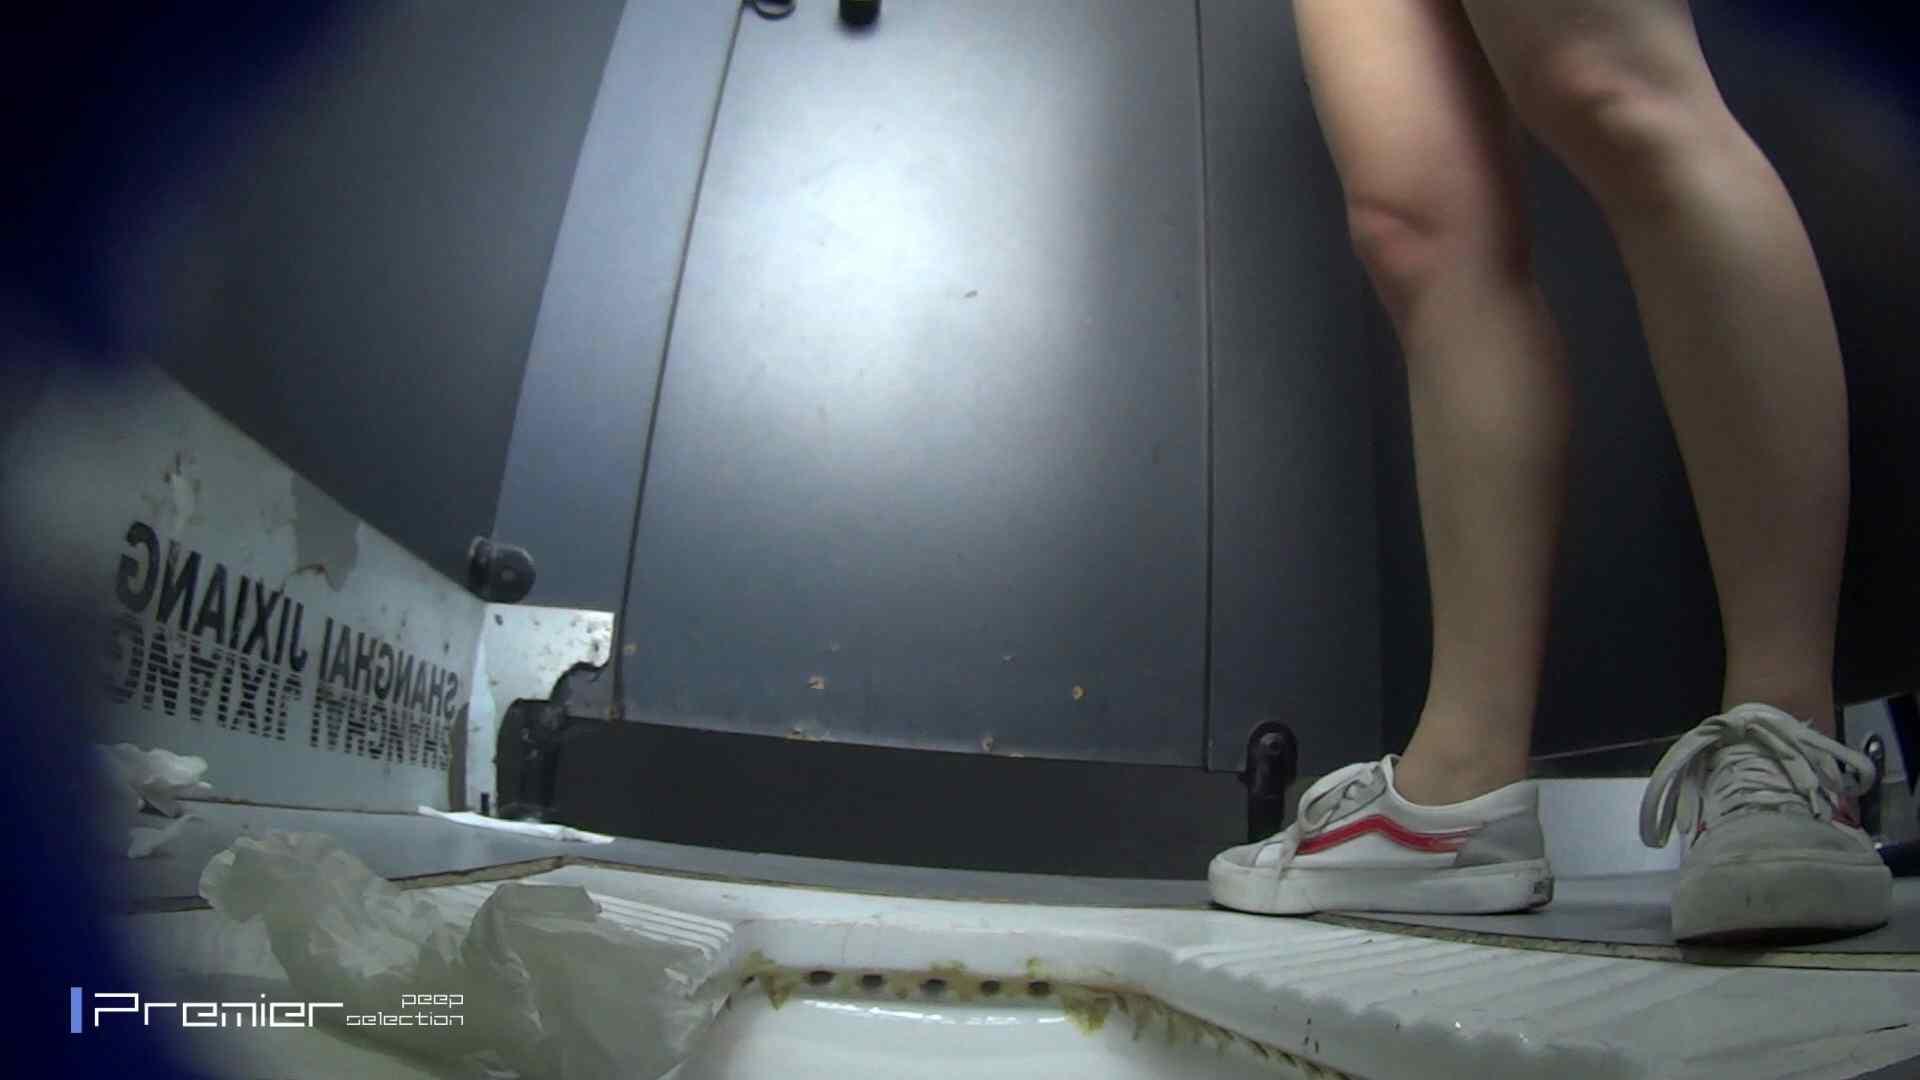 スキニージーンズの美女 大学休憩時間の洗面所事情56 丸見え おまんこ動画流出 106枚 23